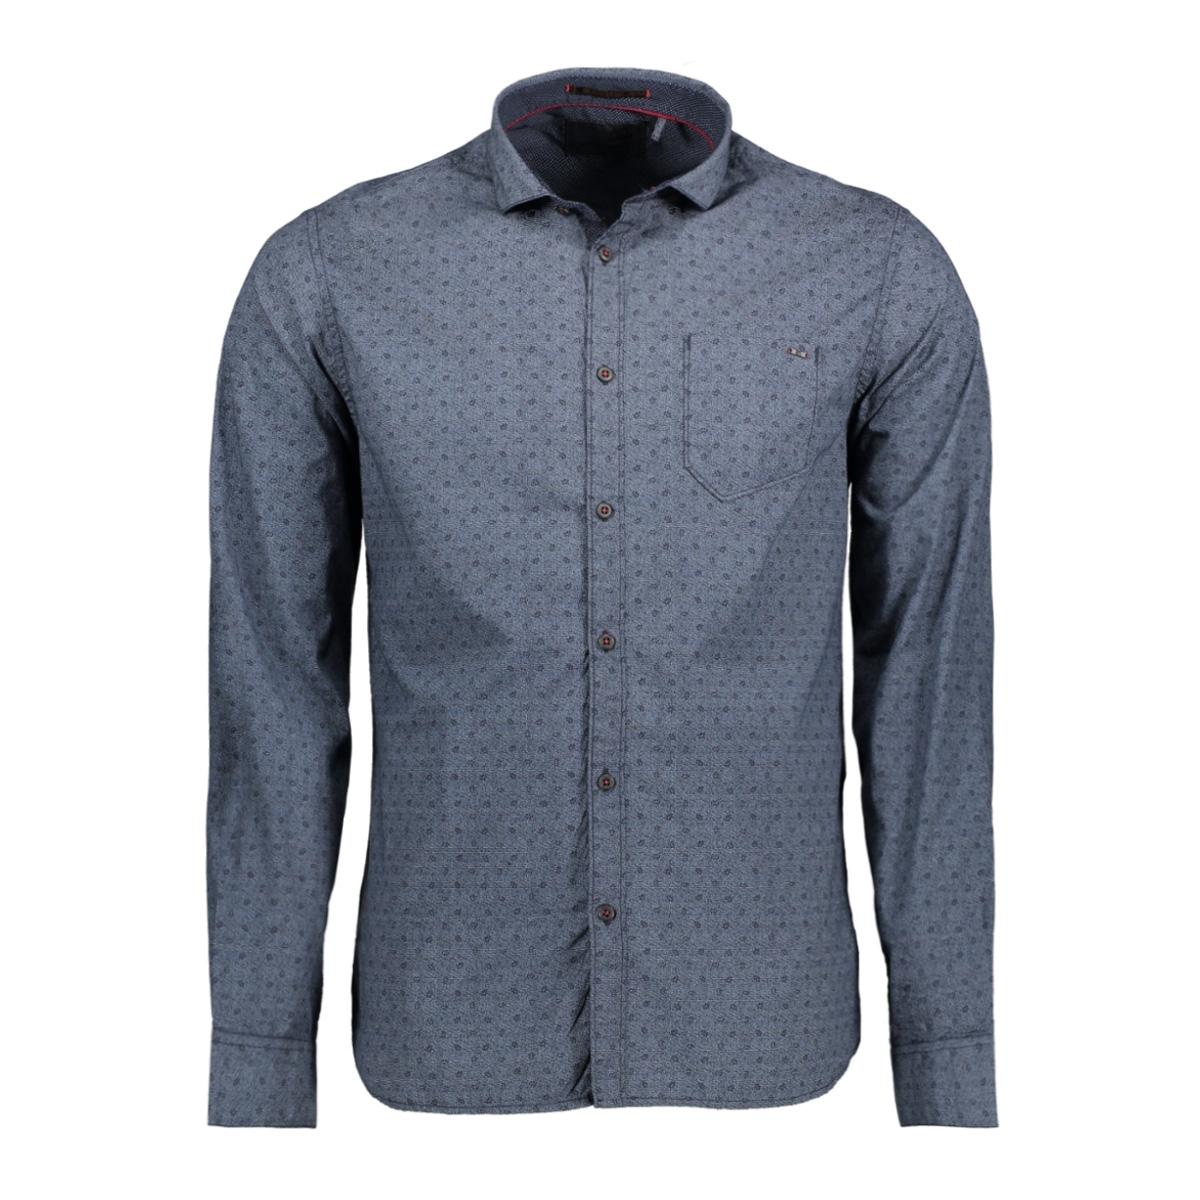 82480909 no-excess overhemd 178 night